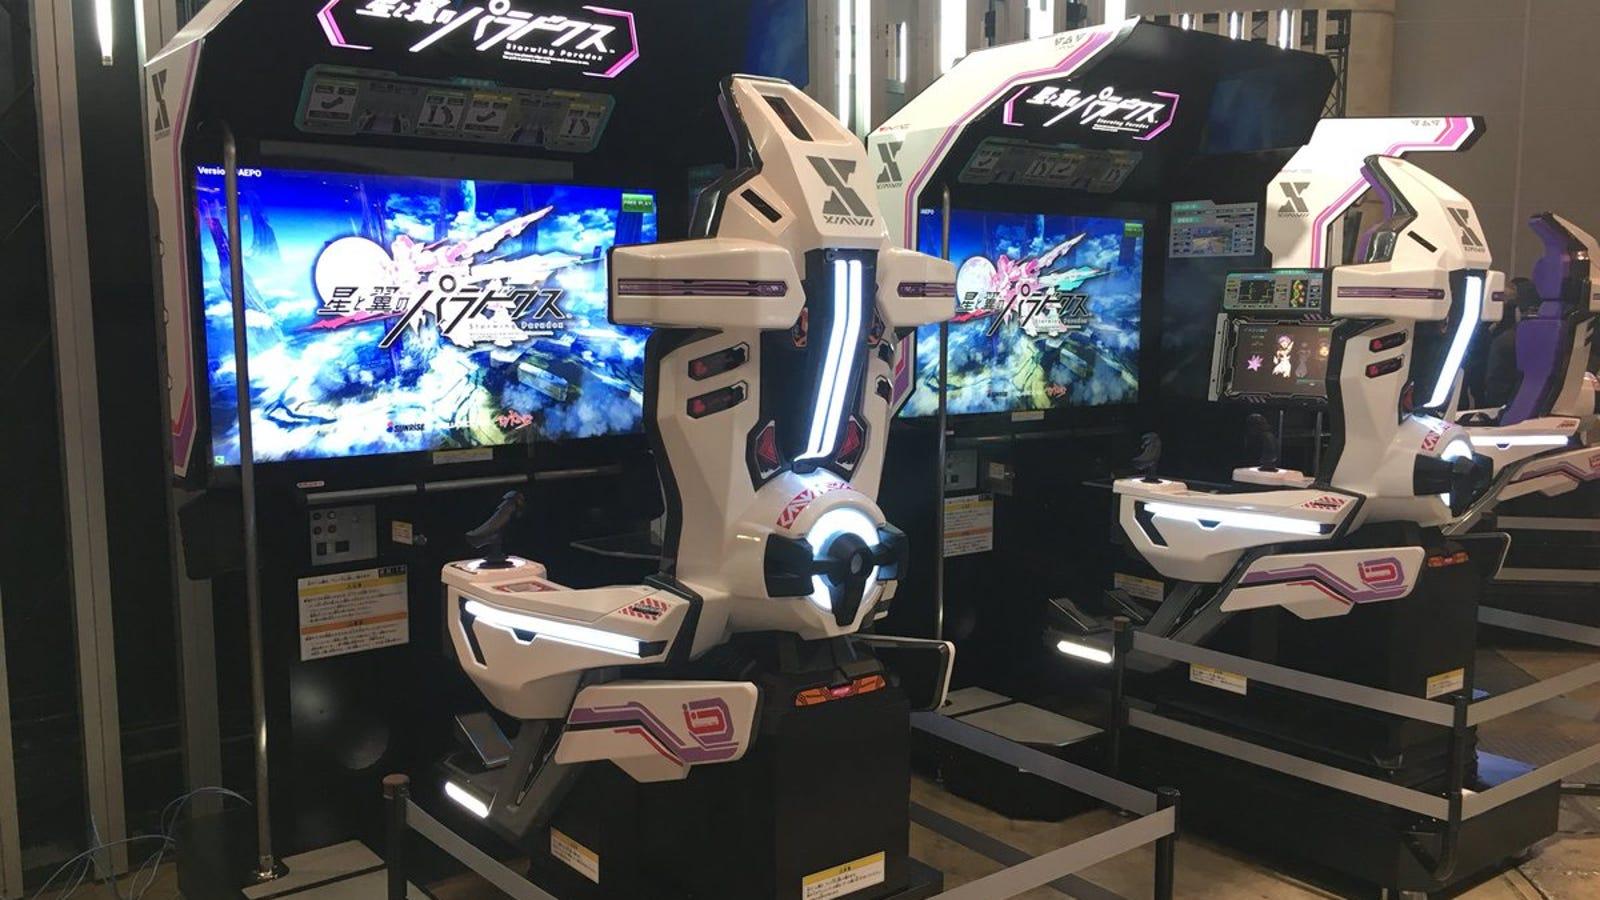 maquinas de juego de starwing paradox que se usarian en el evento cancelado por square enix.